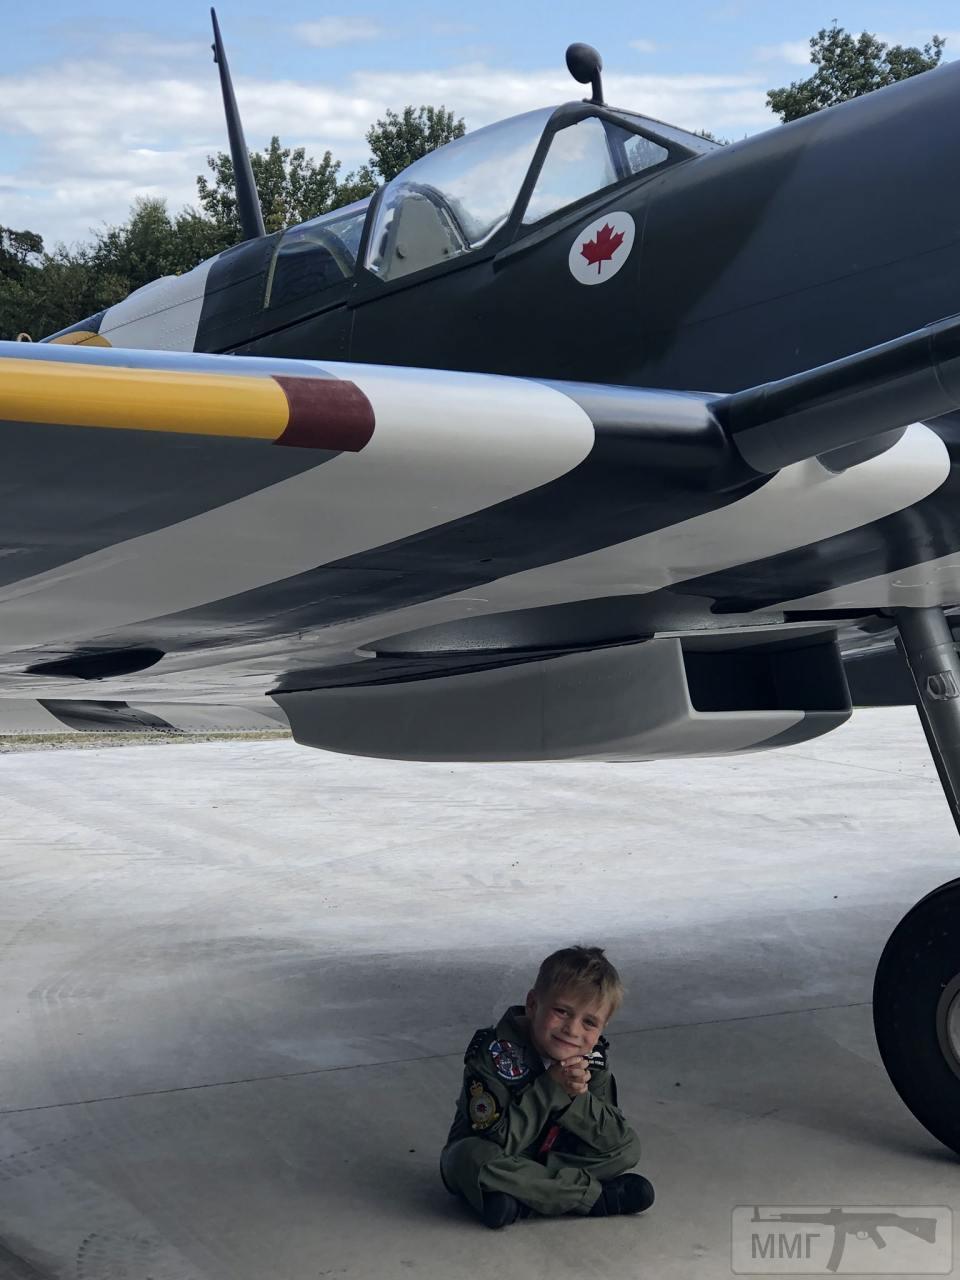 74227 - Красивые фото и видео боевых самолетов и вертолетов